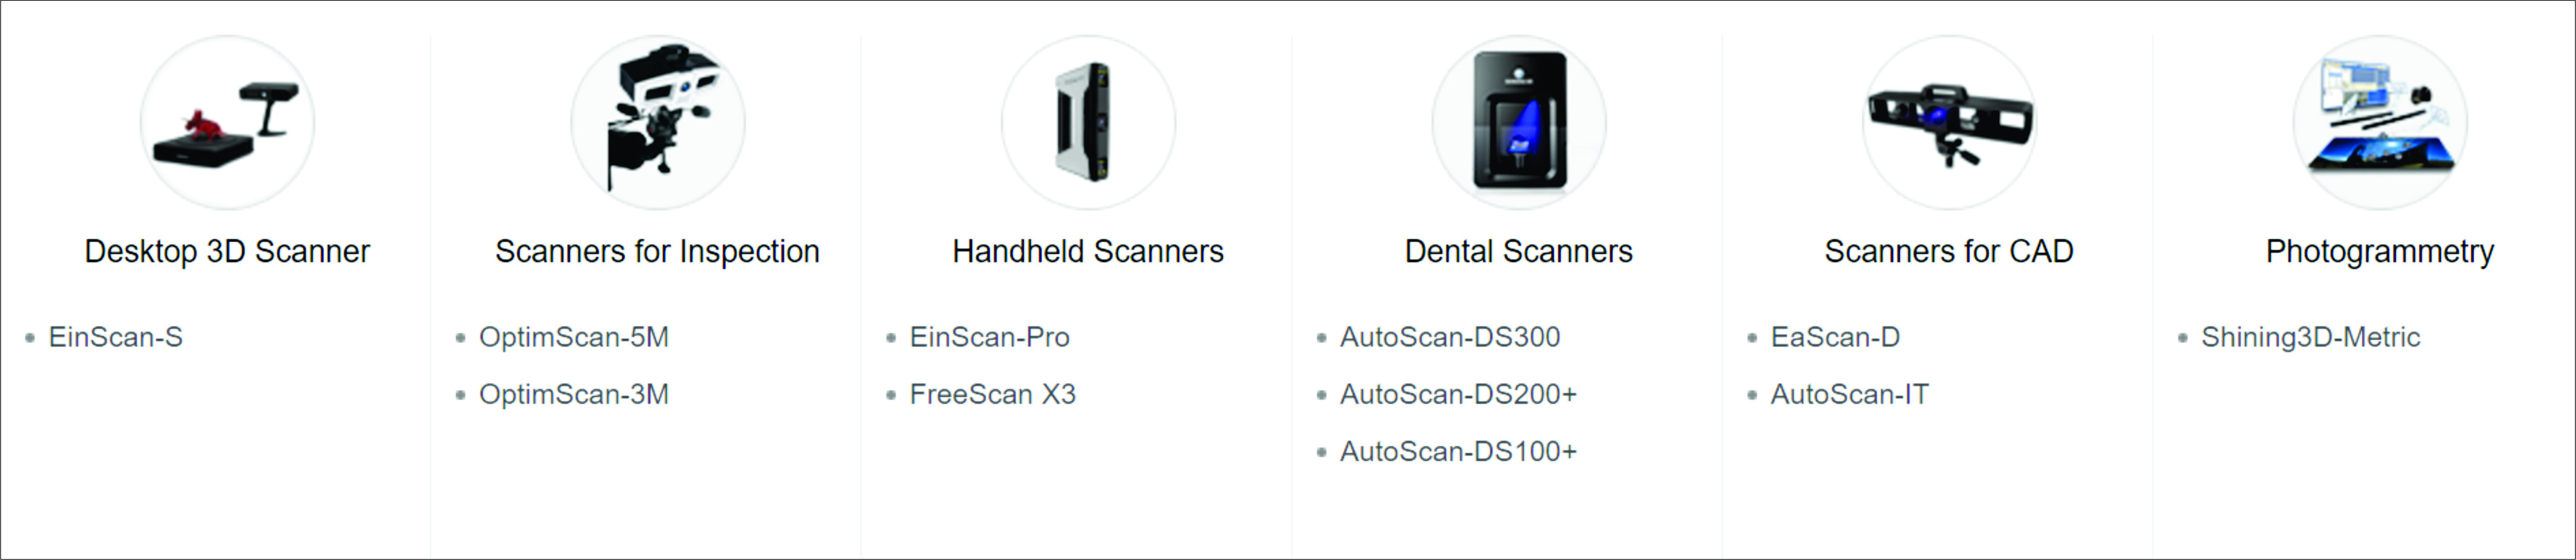 may-scan-3d-shining-0 Máy scan 3D giá hợp lý ở Việt Nam. được nhiều doanh nghiệp Việt Nam tin dùng. Xem ngay để chọn được máy scan 3D (máy quét 3d) phù hợp nhất Việt Nam.